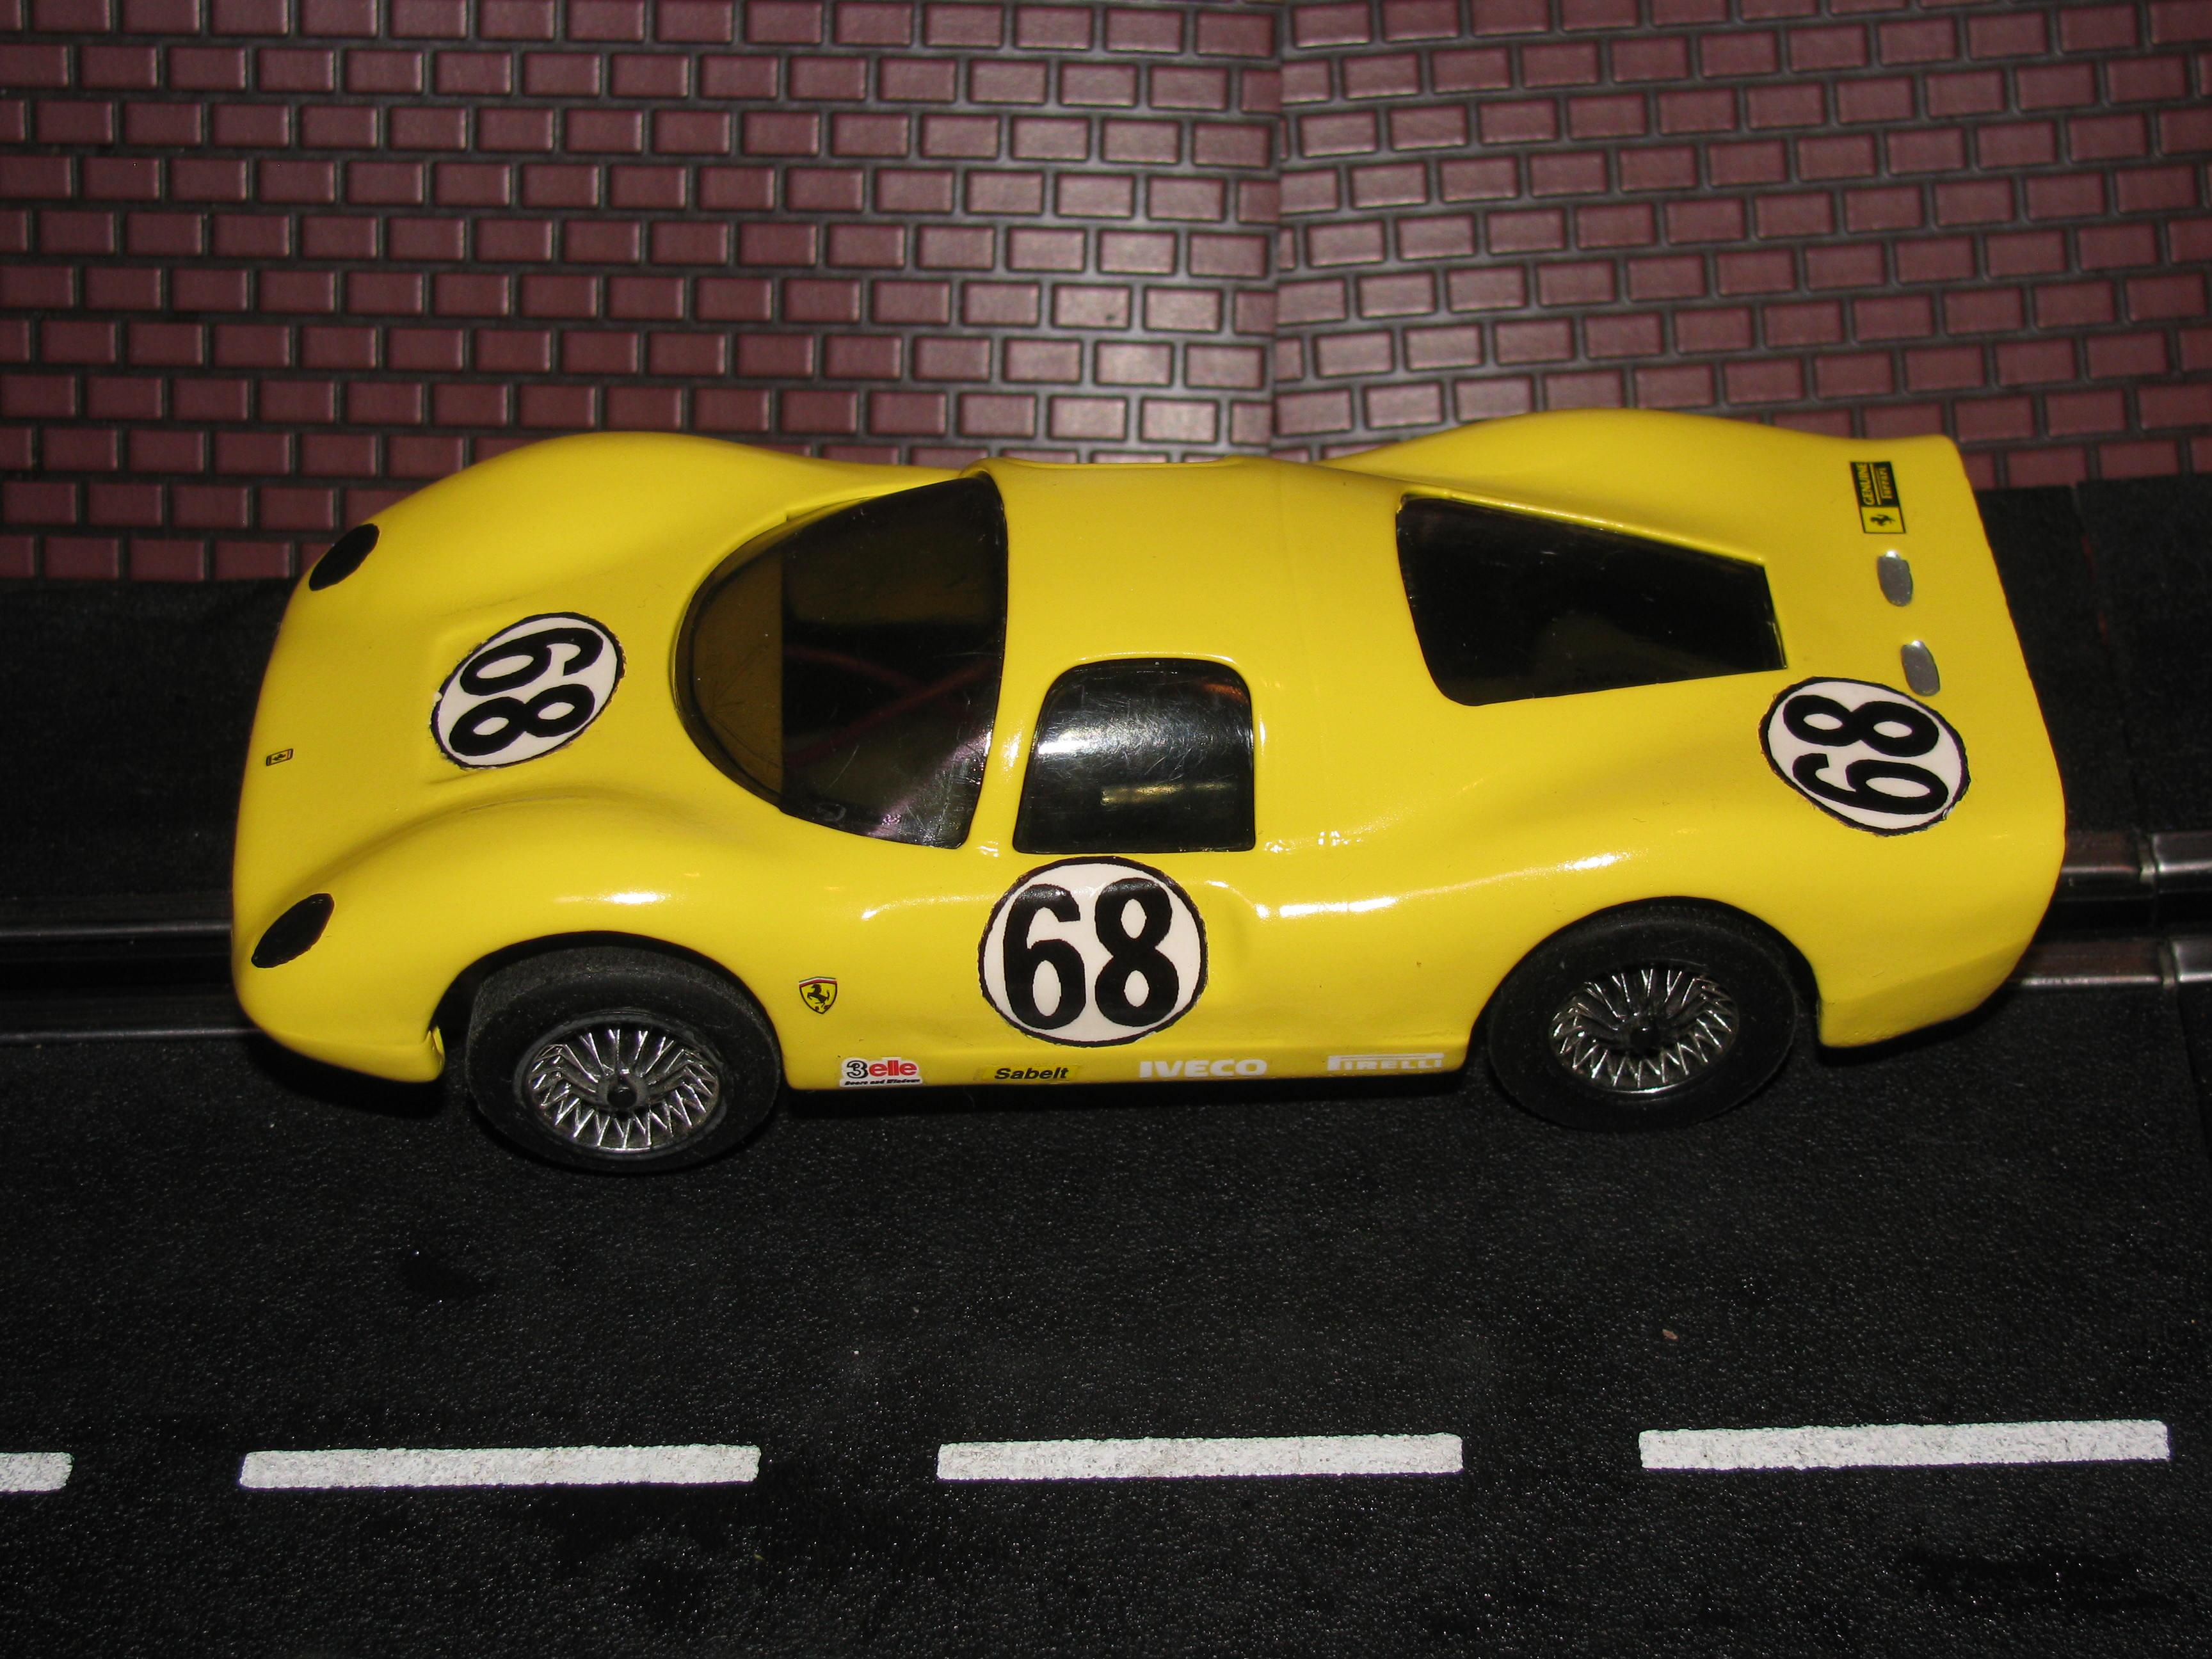 Vintage 1967 ELDON Ferrari P3 Dino Competizione Slot Car - 1/32 Scale